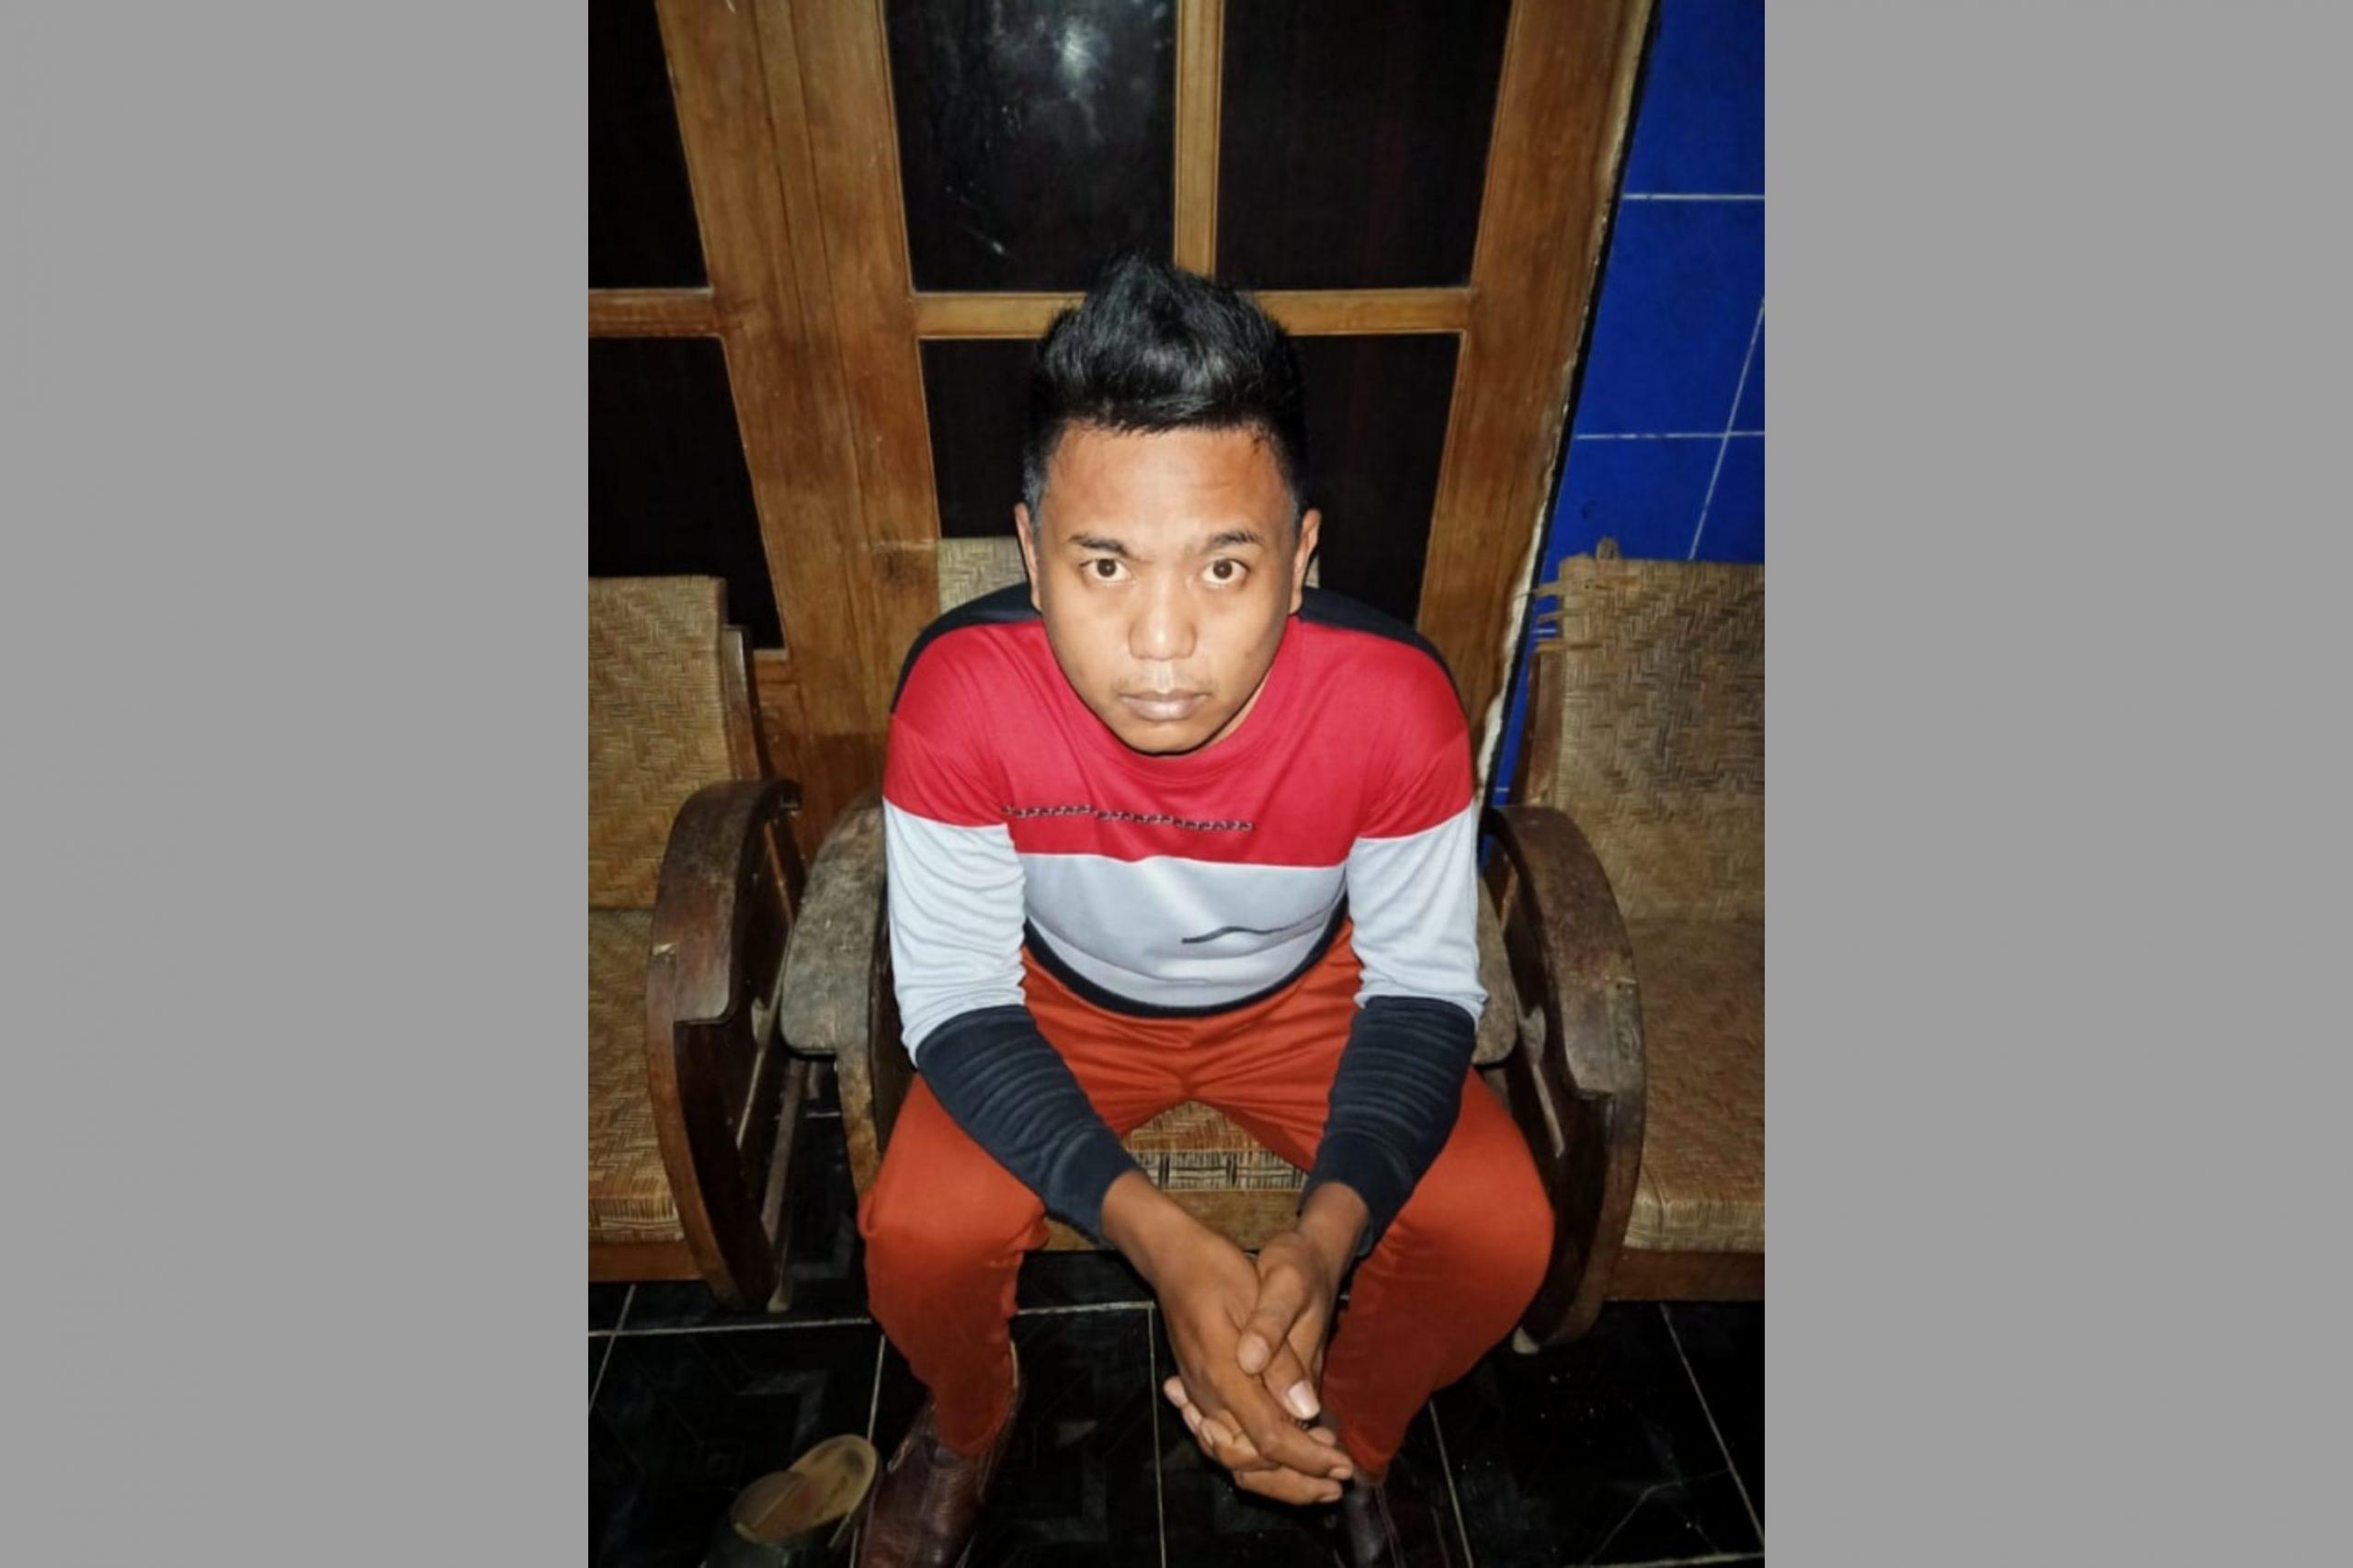 Tampang pembunuh dan pembakar wanita kerabat jauh Jokowi. (Ist)